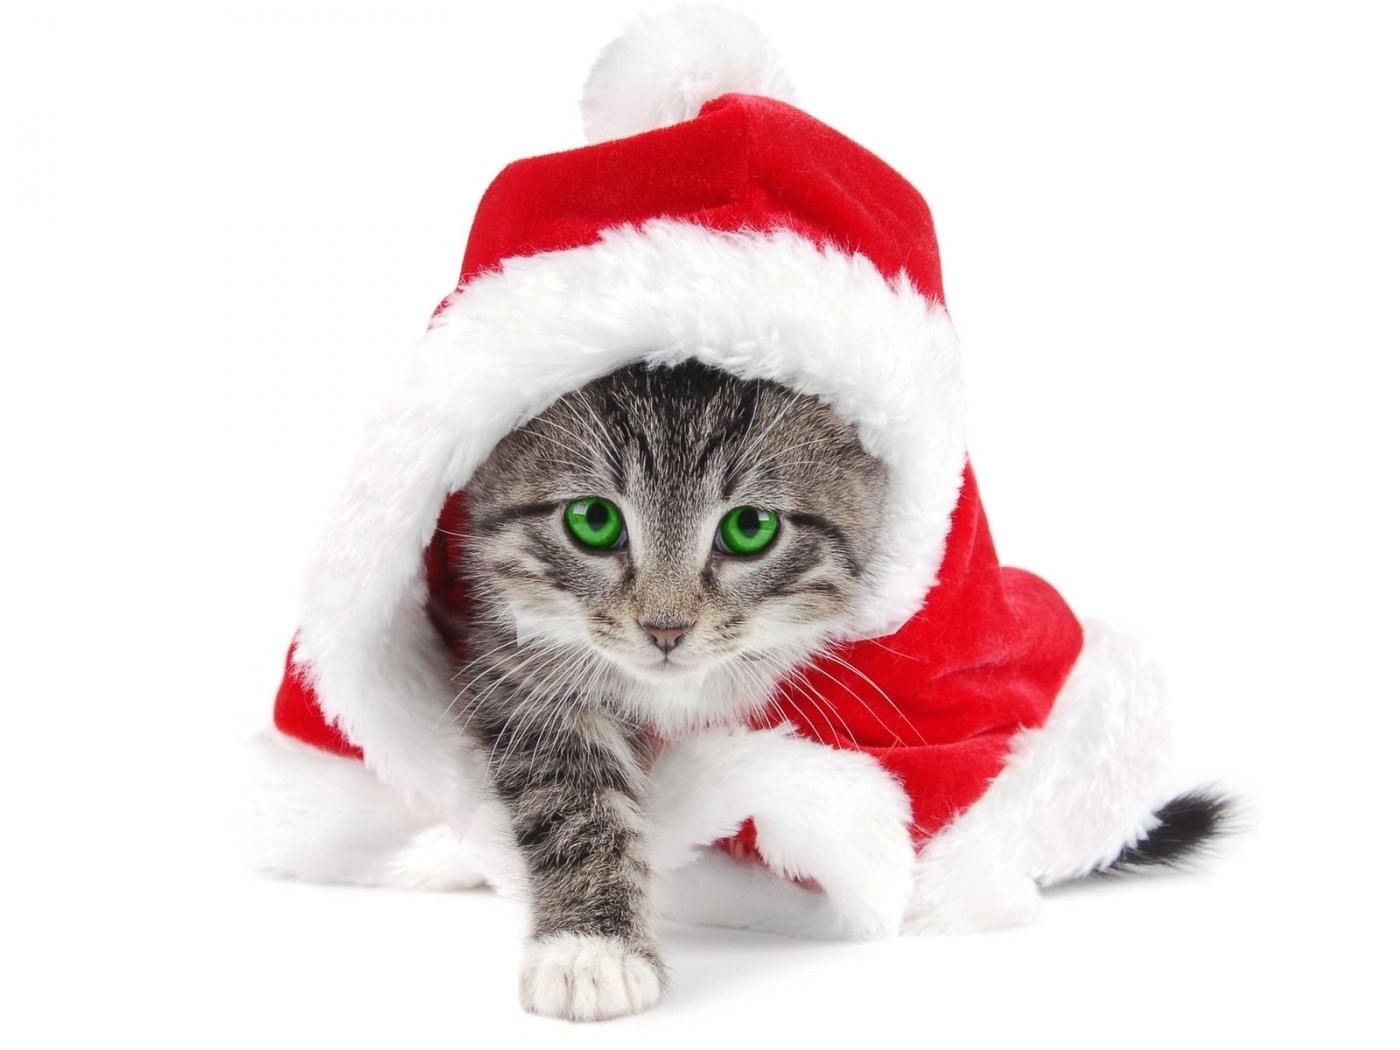 49467 Заставки и Обои Кошки (Коты, Котики) на телефон. Скачать Кошки (Коты, Котики), Животные картинки бесплатно